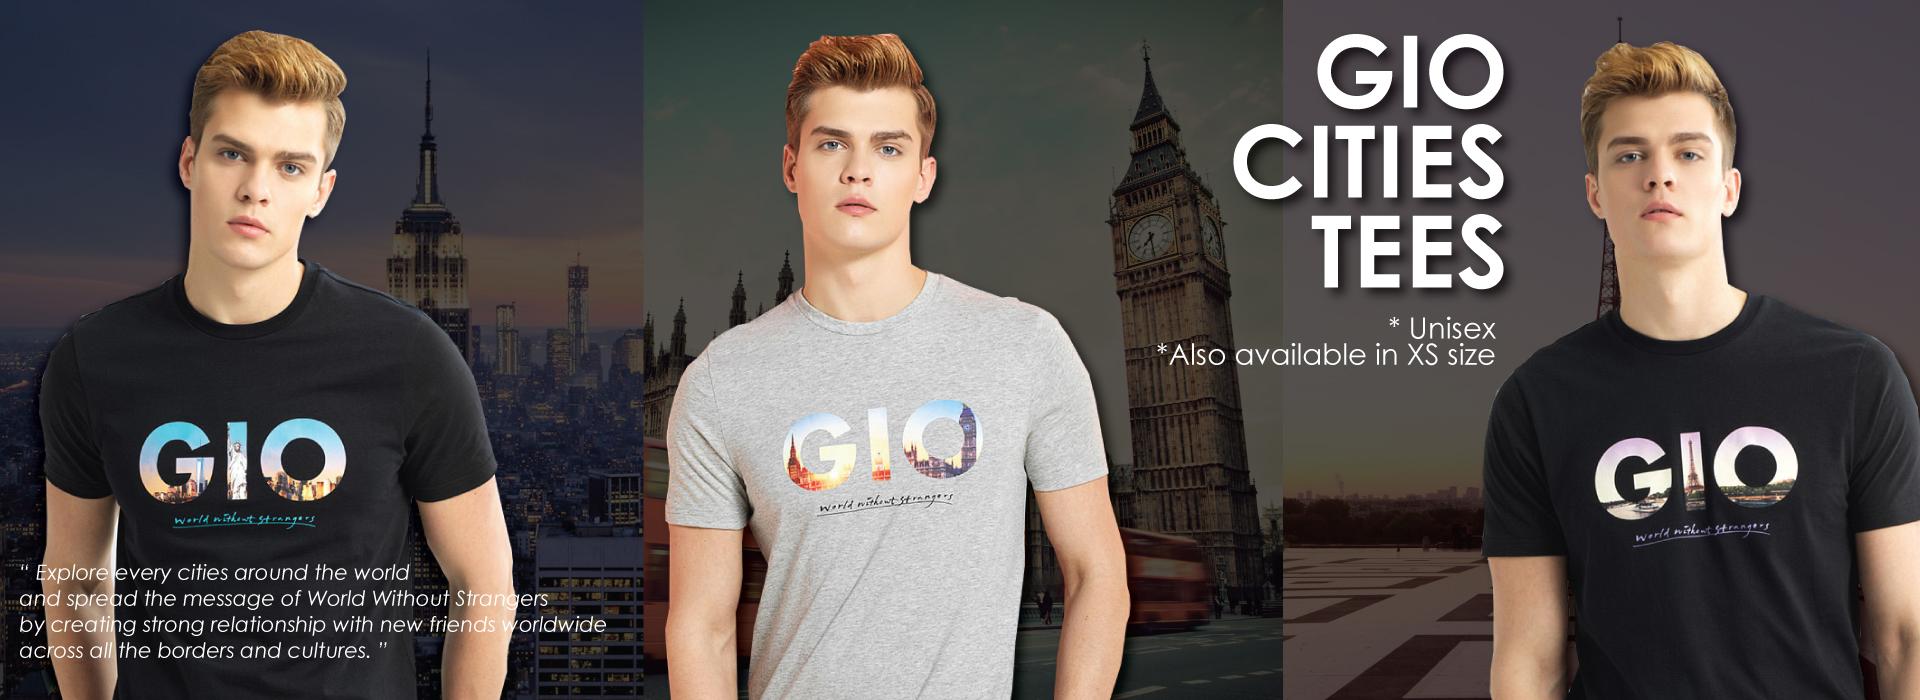 GIO cities tee